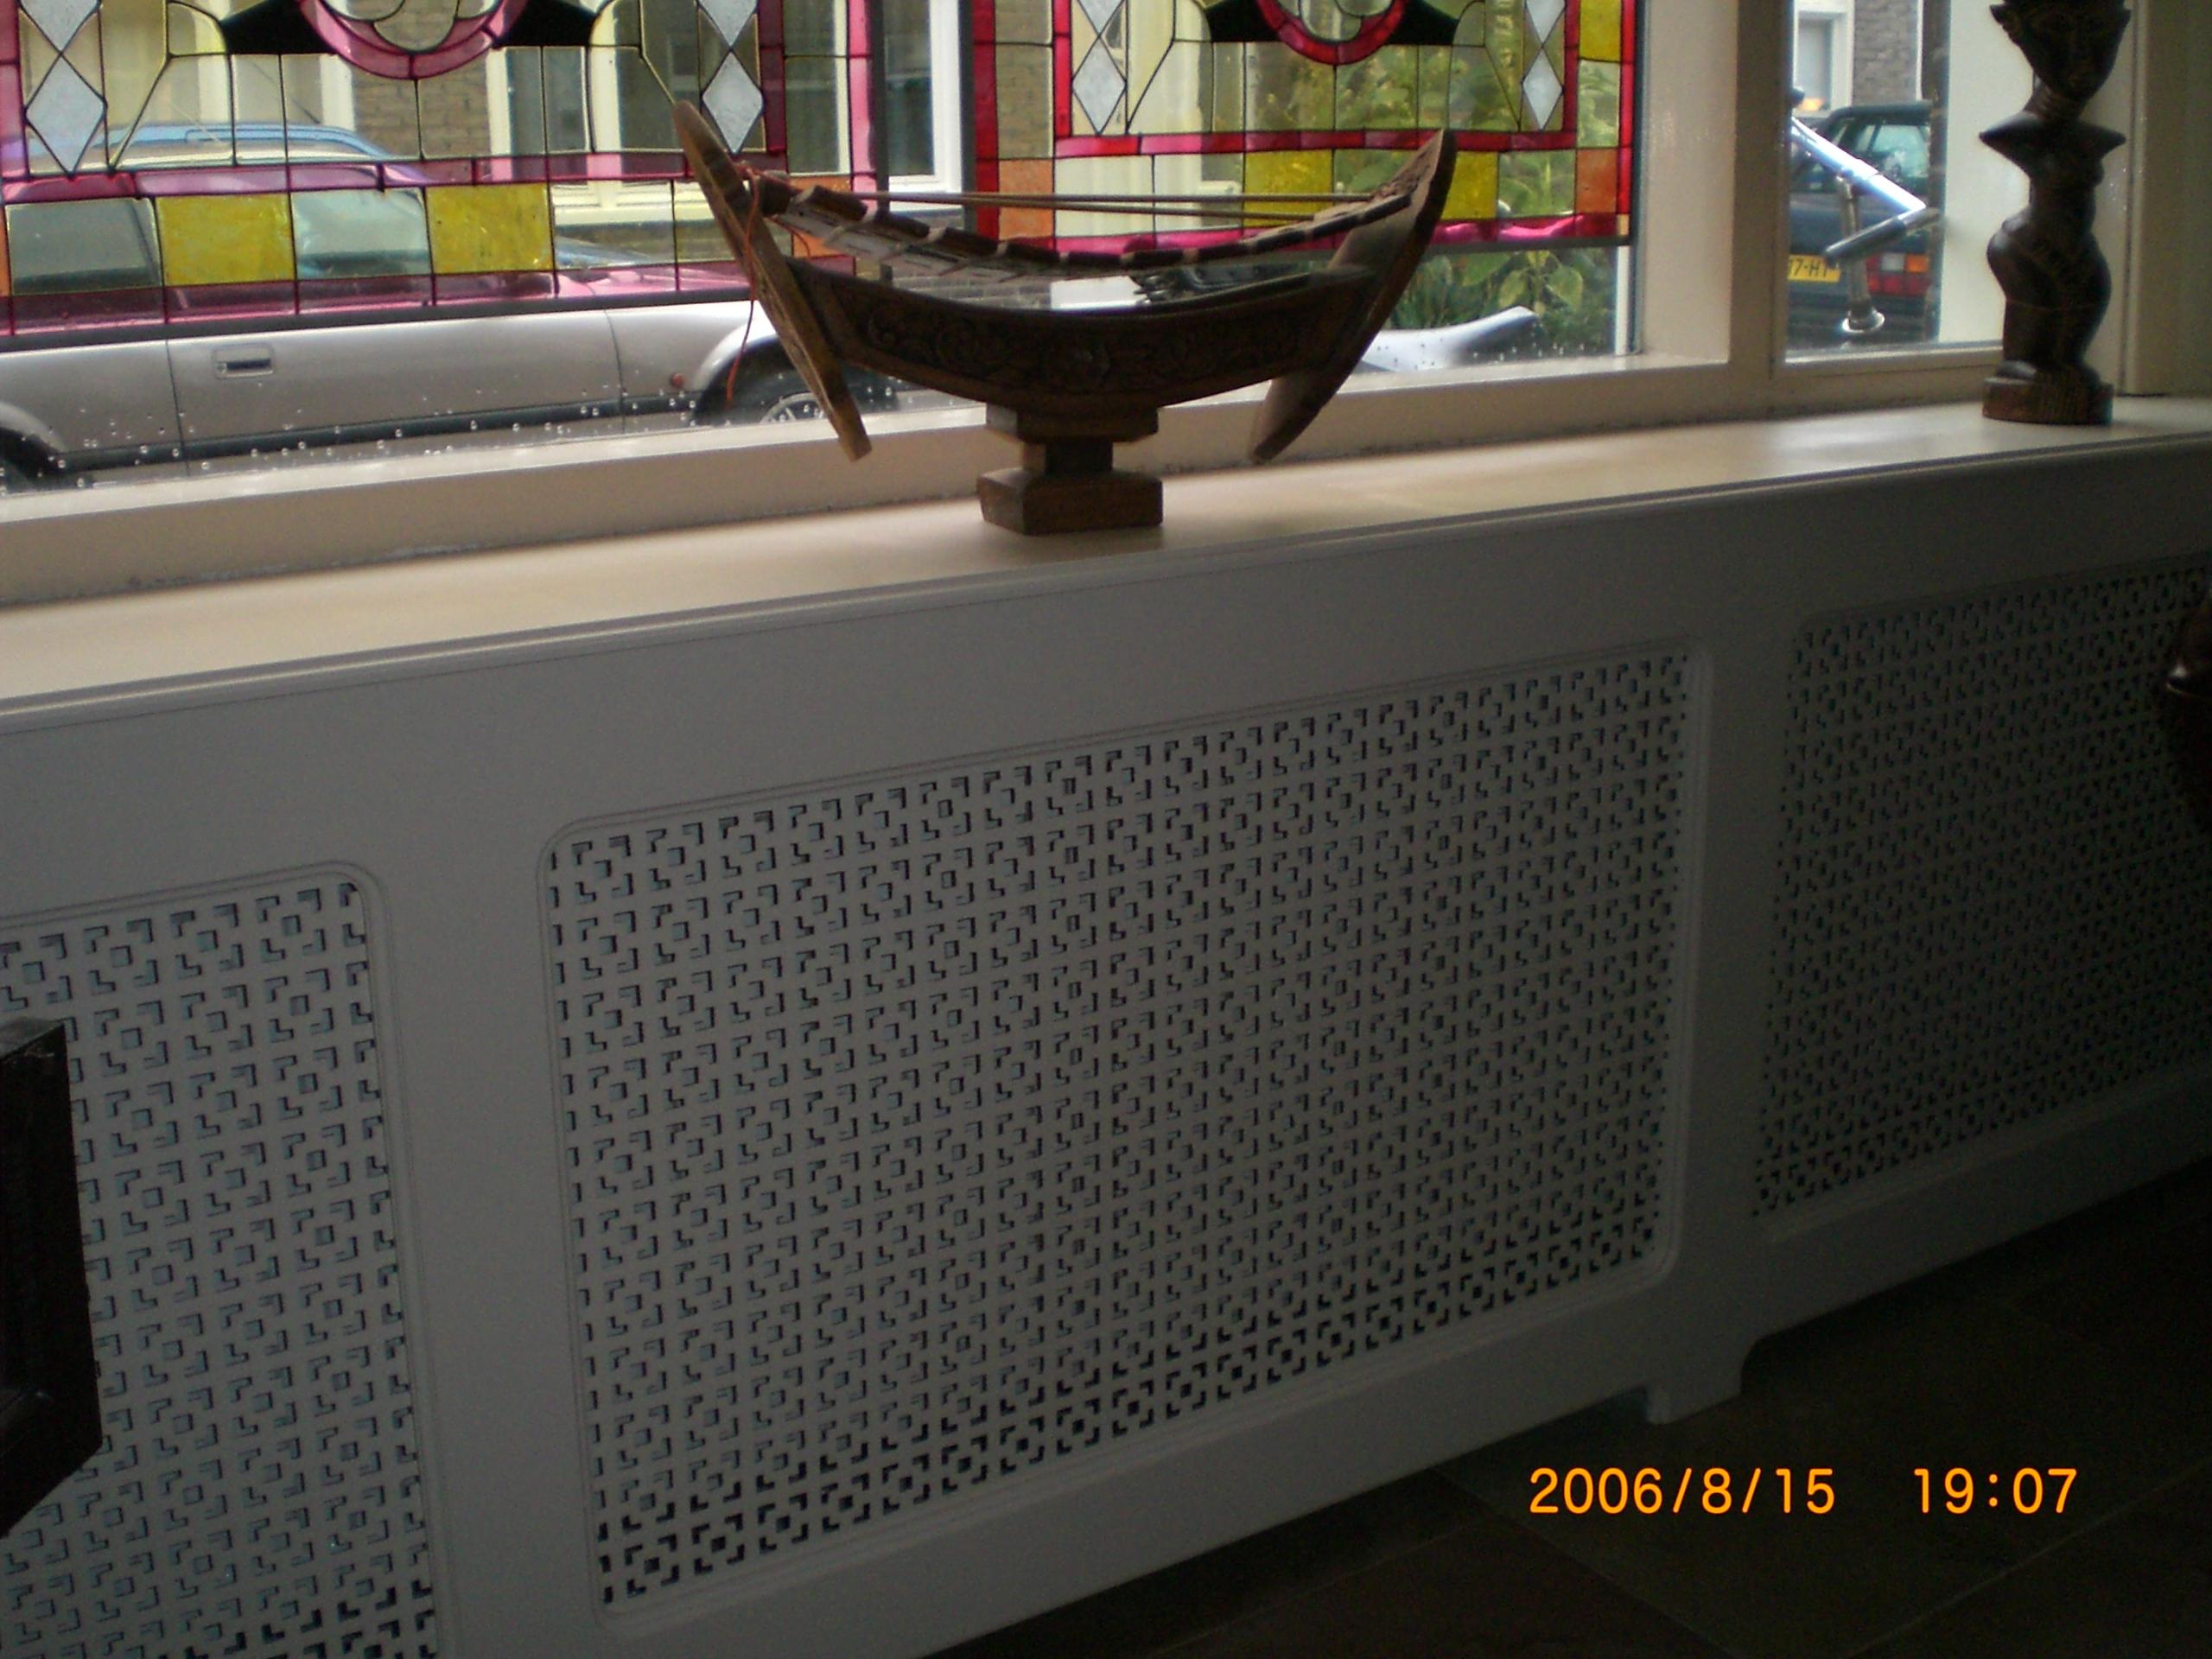 Radiator badkamer wordt niet warm badkamer ontwerp idee n voor uw huis samen met - Deco keuken ontwerp ...